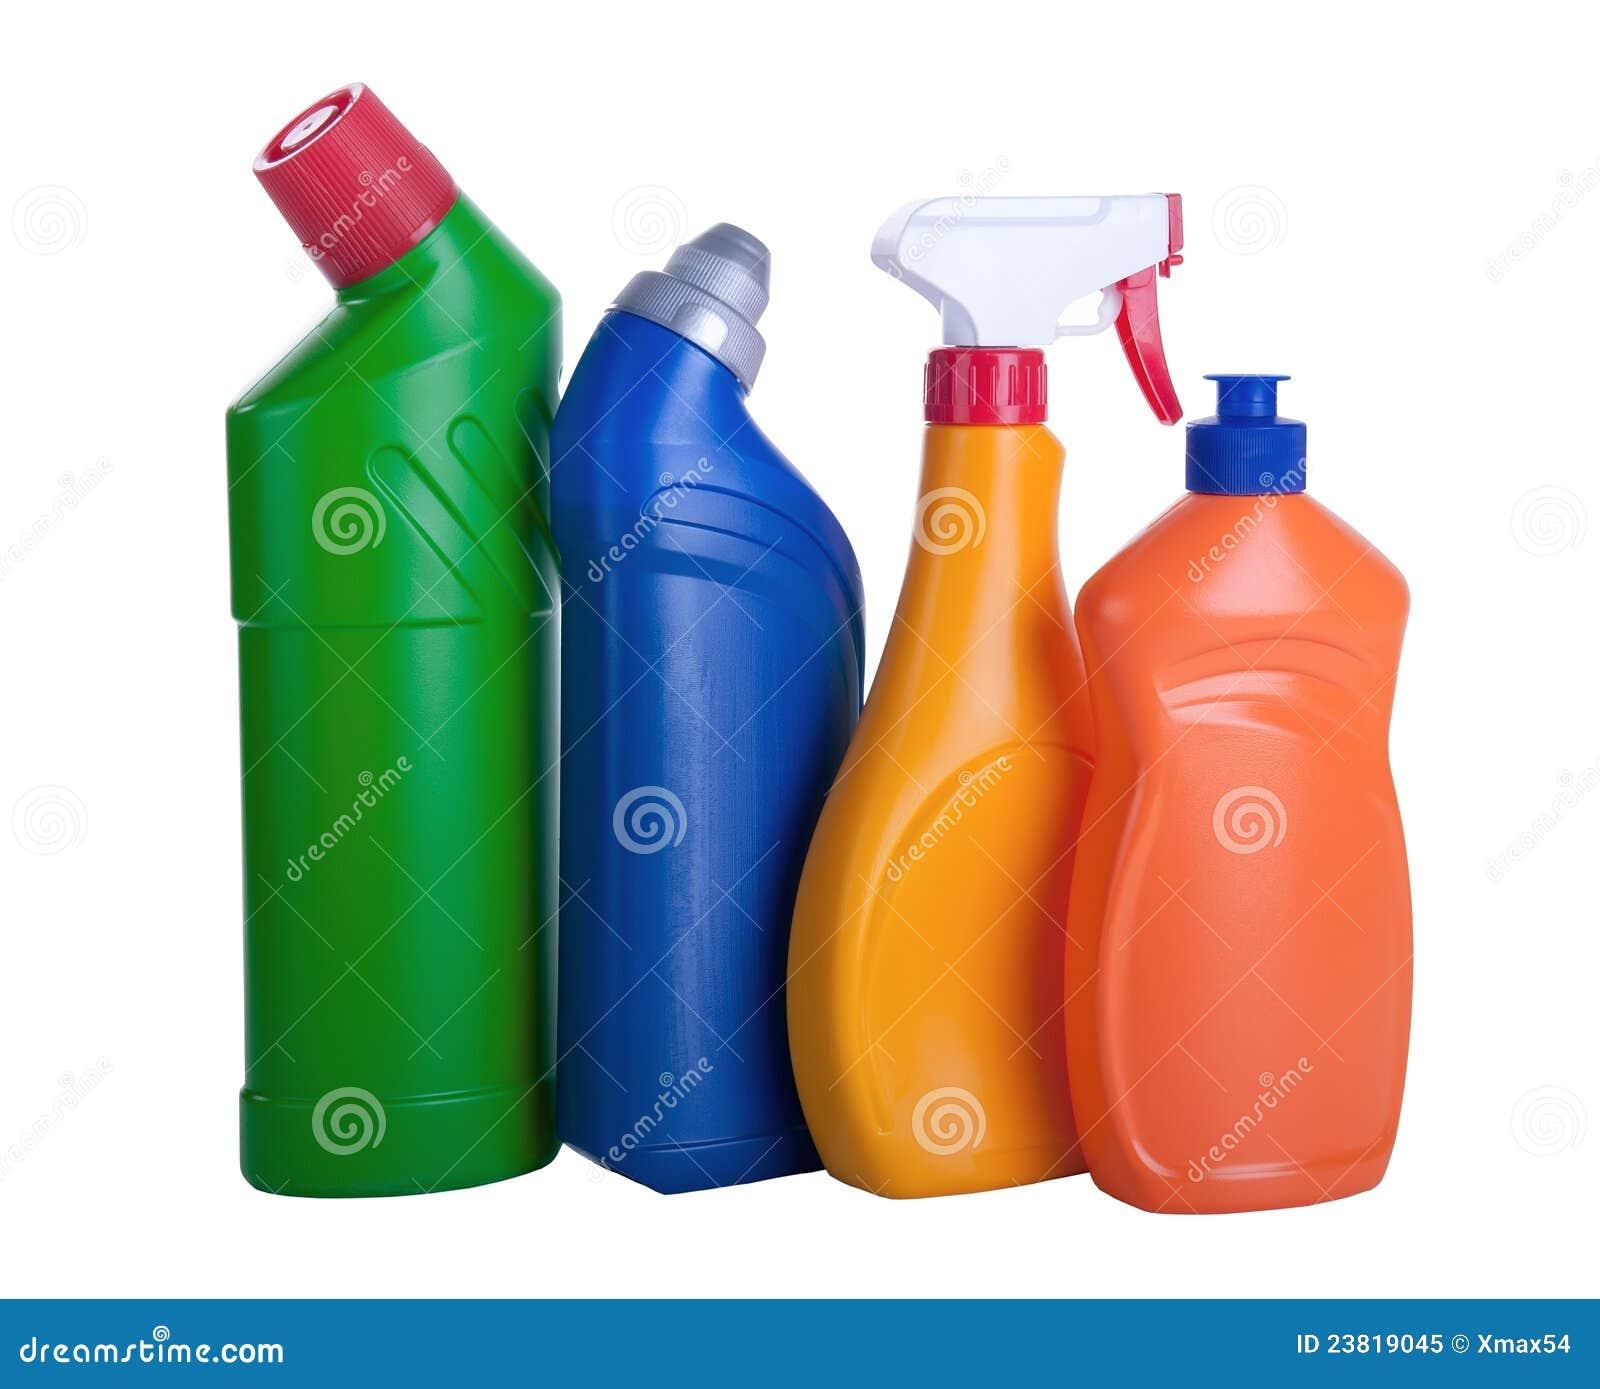 Productos de limpieza clasificados del hogar foto de for Articulos para limpieza del hogar